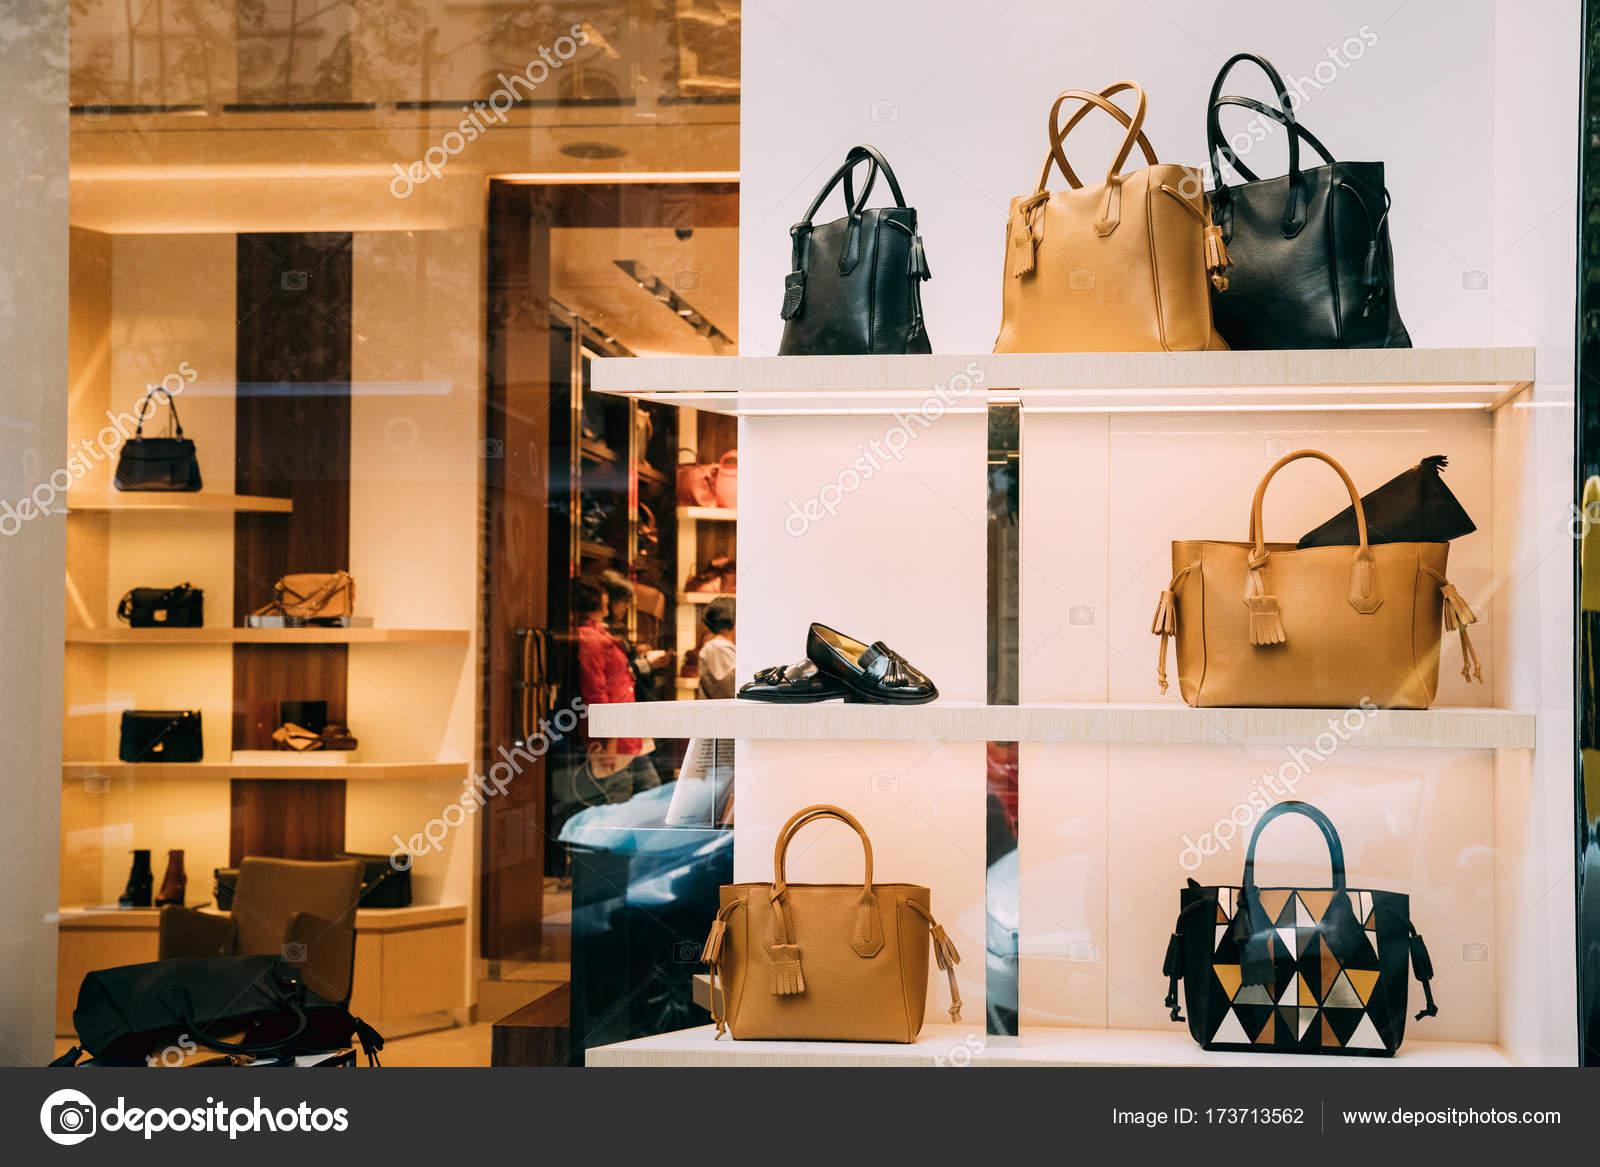 pas cher pour réduction classique chic meilleure collection Accessoires de mode dans la boutique fenêtre vitrine du ...